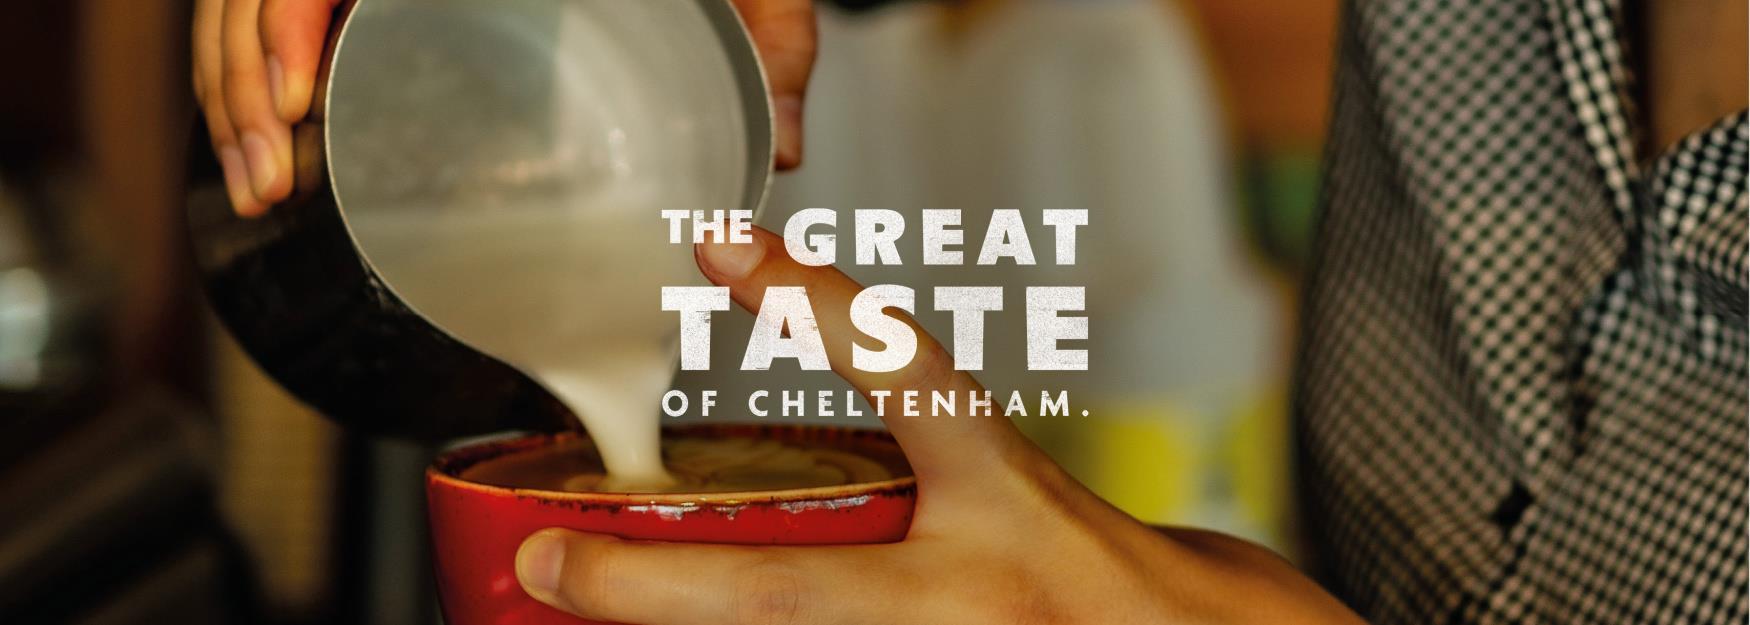 The Great Taste of Cheltenham campaign branding